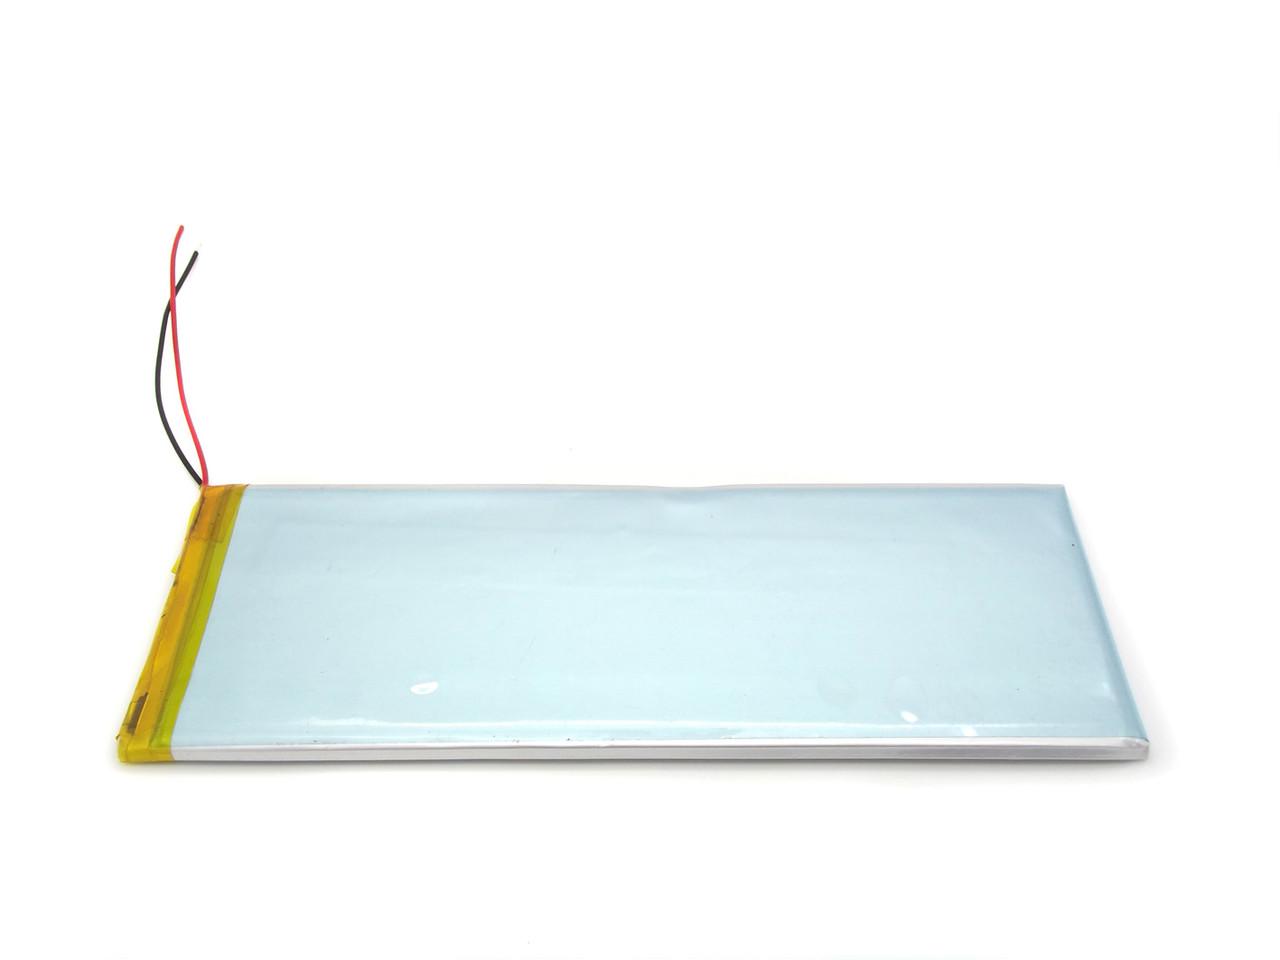 Аккумулятор для планшета 3100 мАч 3,7в длинный - 3100mAh 3.7v размер 3.3*45*145 мм 3345145